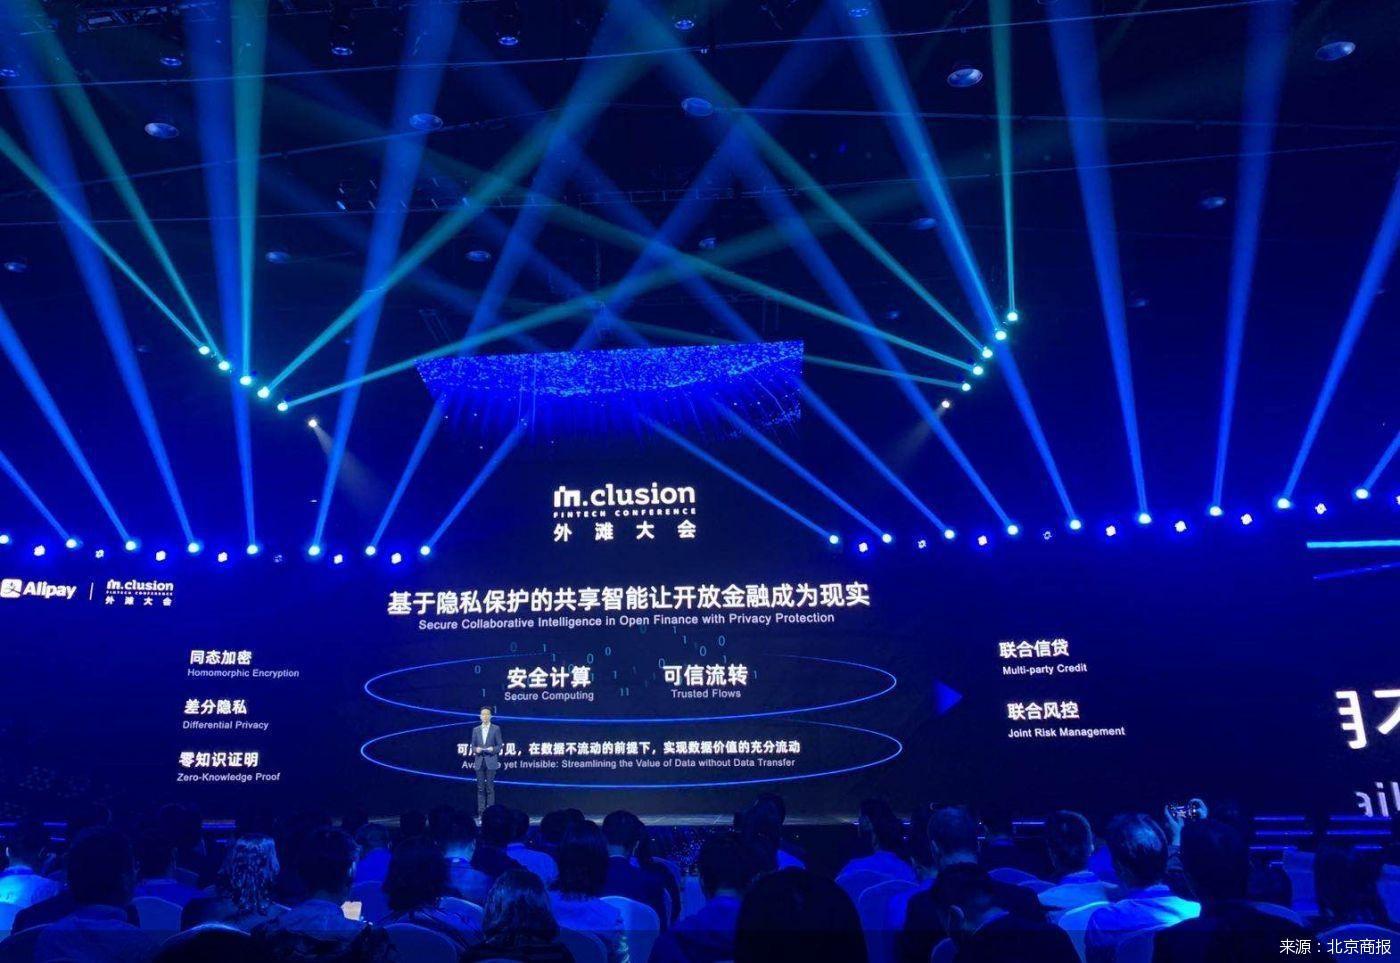 蚂蚁集团CEO胡晓明:上市后重点投入研发风险管理、安全、区块链等五大领域